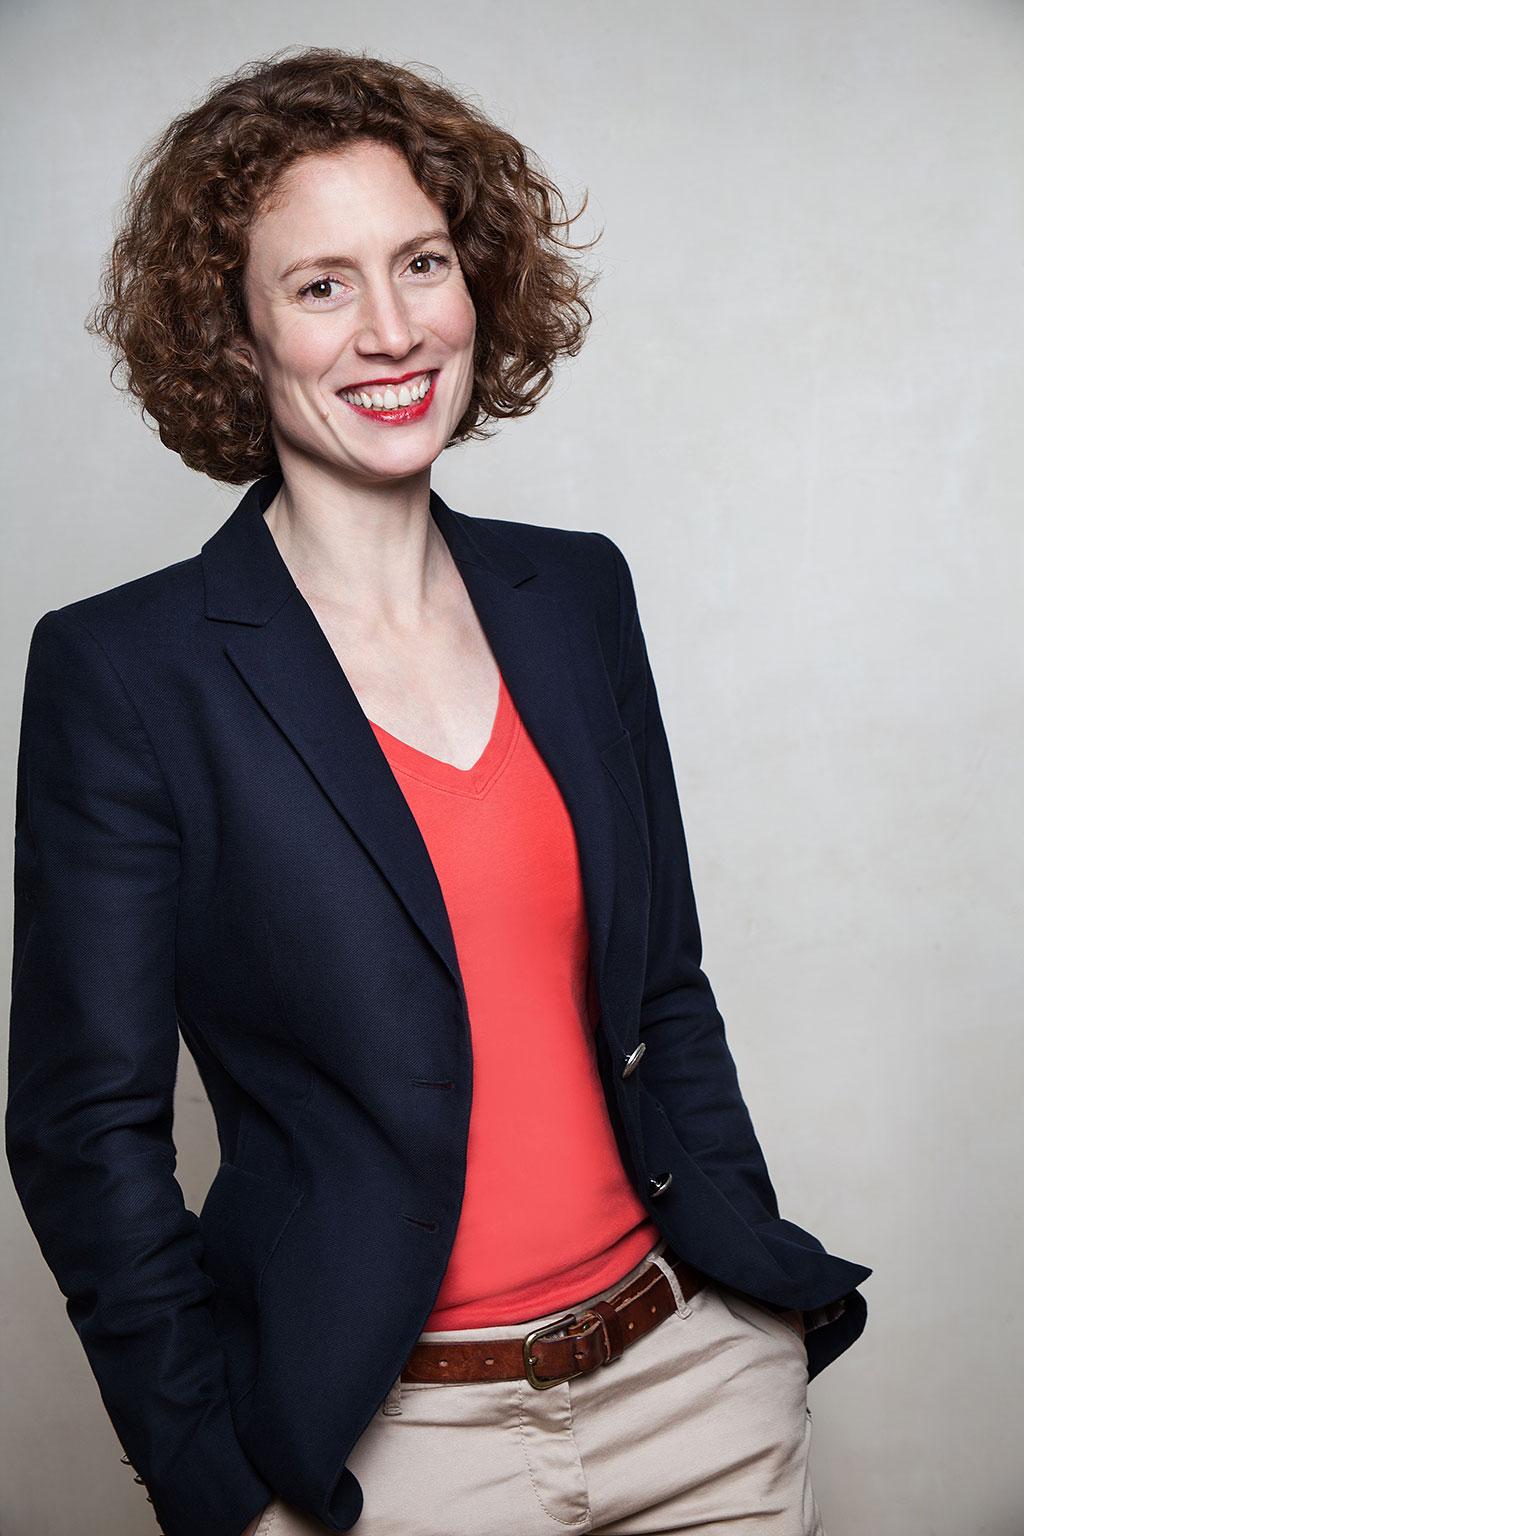 Katharina Koenig Anna Wasilewski Coach Berlin Portraitfoto Homepage